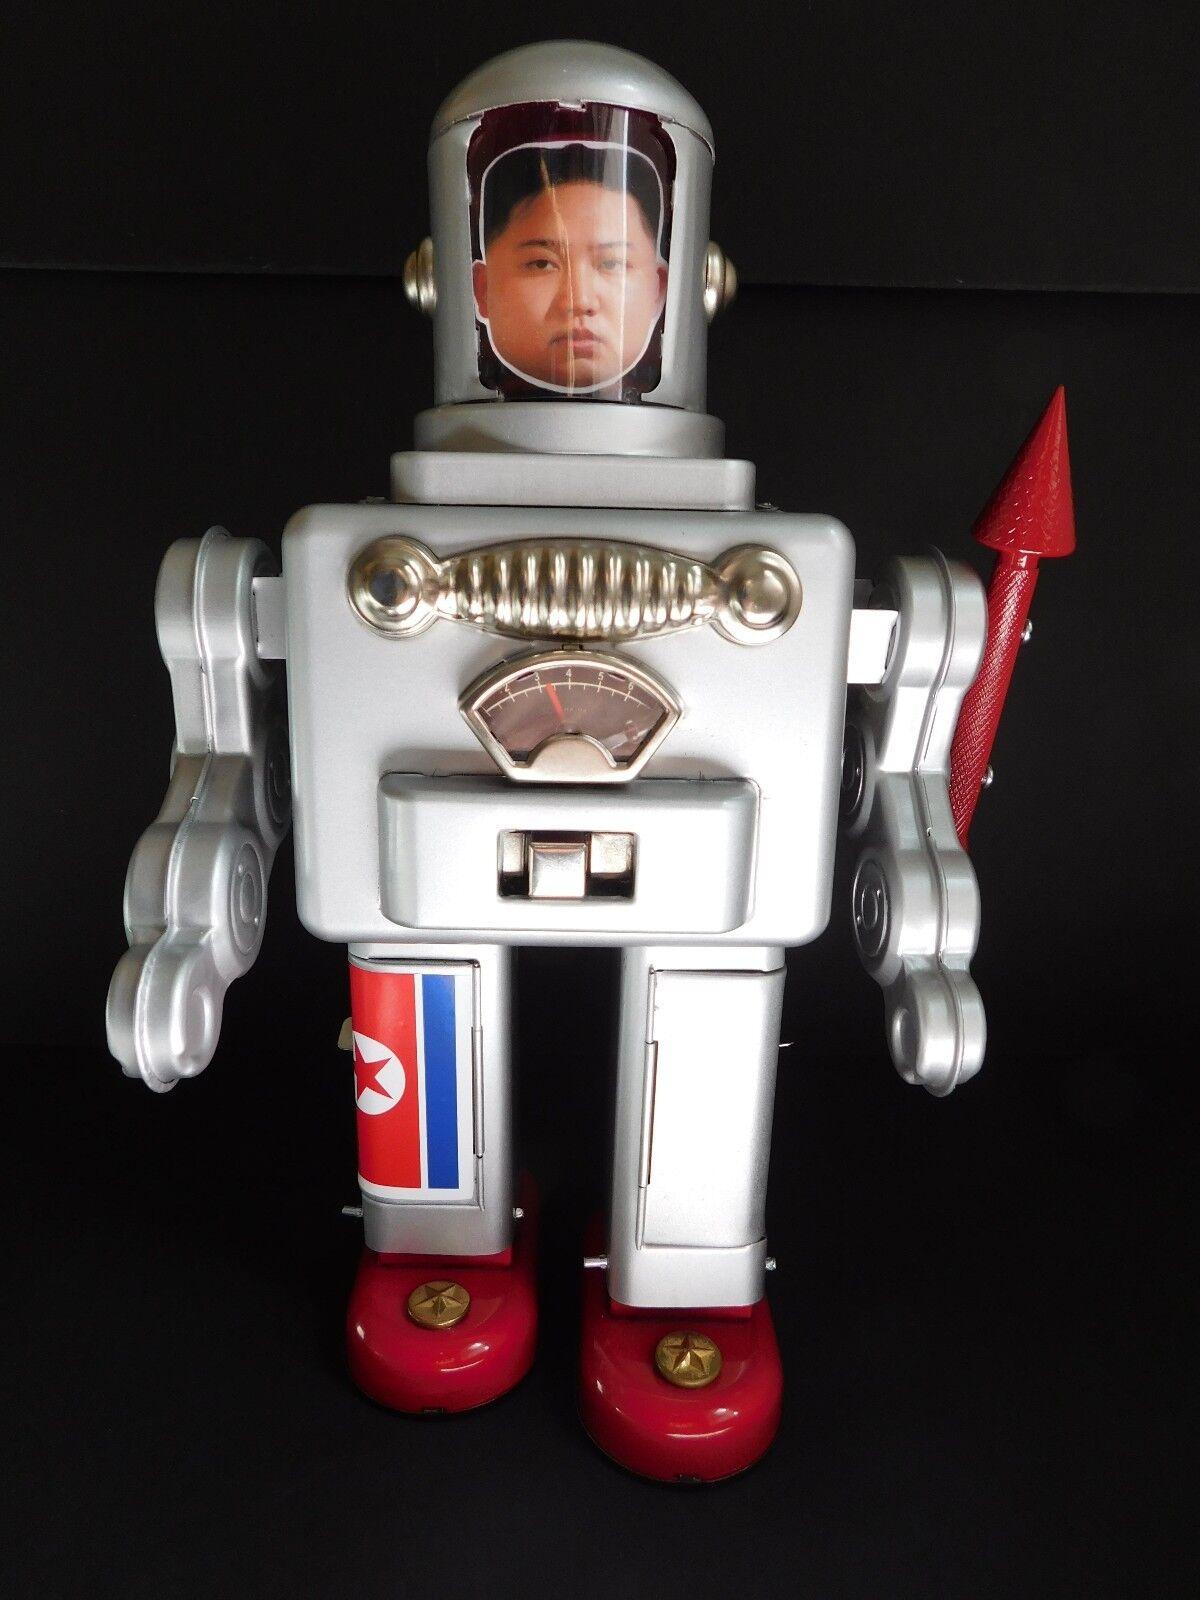 Assemblage robots, found parts robots, Kim Jung Un robot